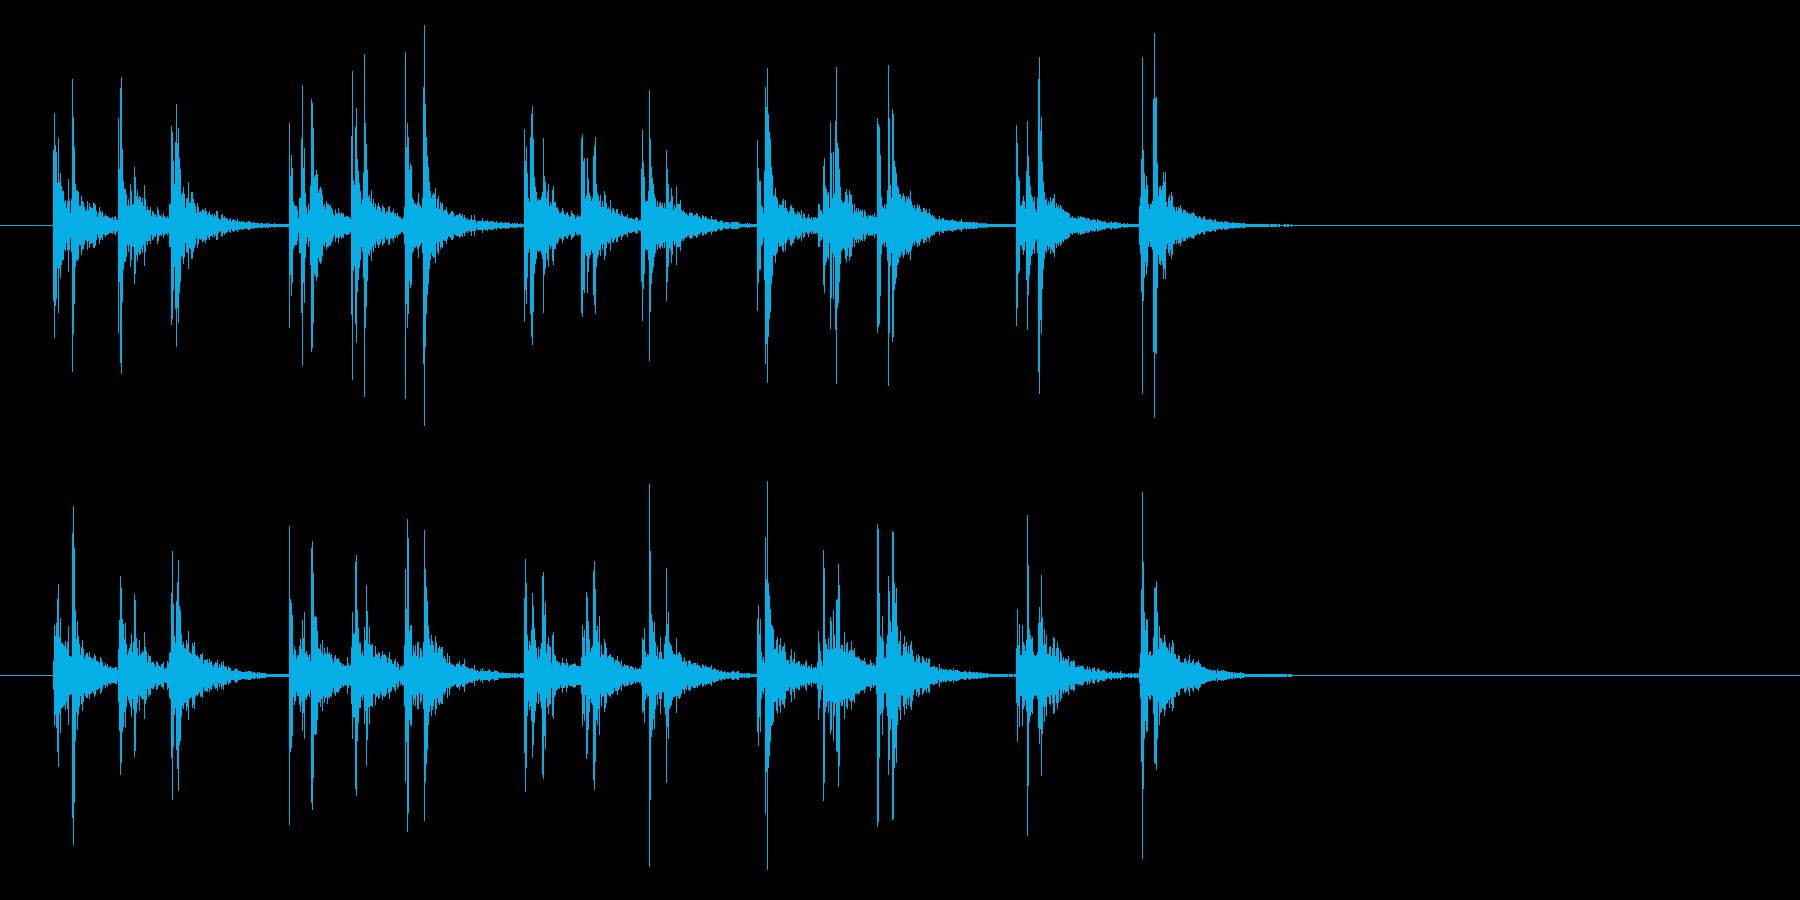 軽快なスティック同士を叩くフレーズ音の再生済みの波形